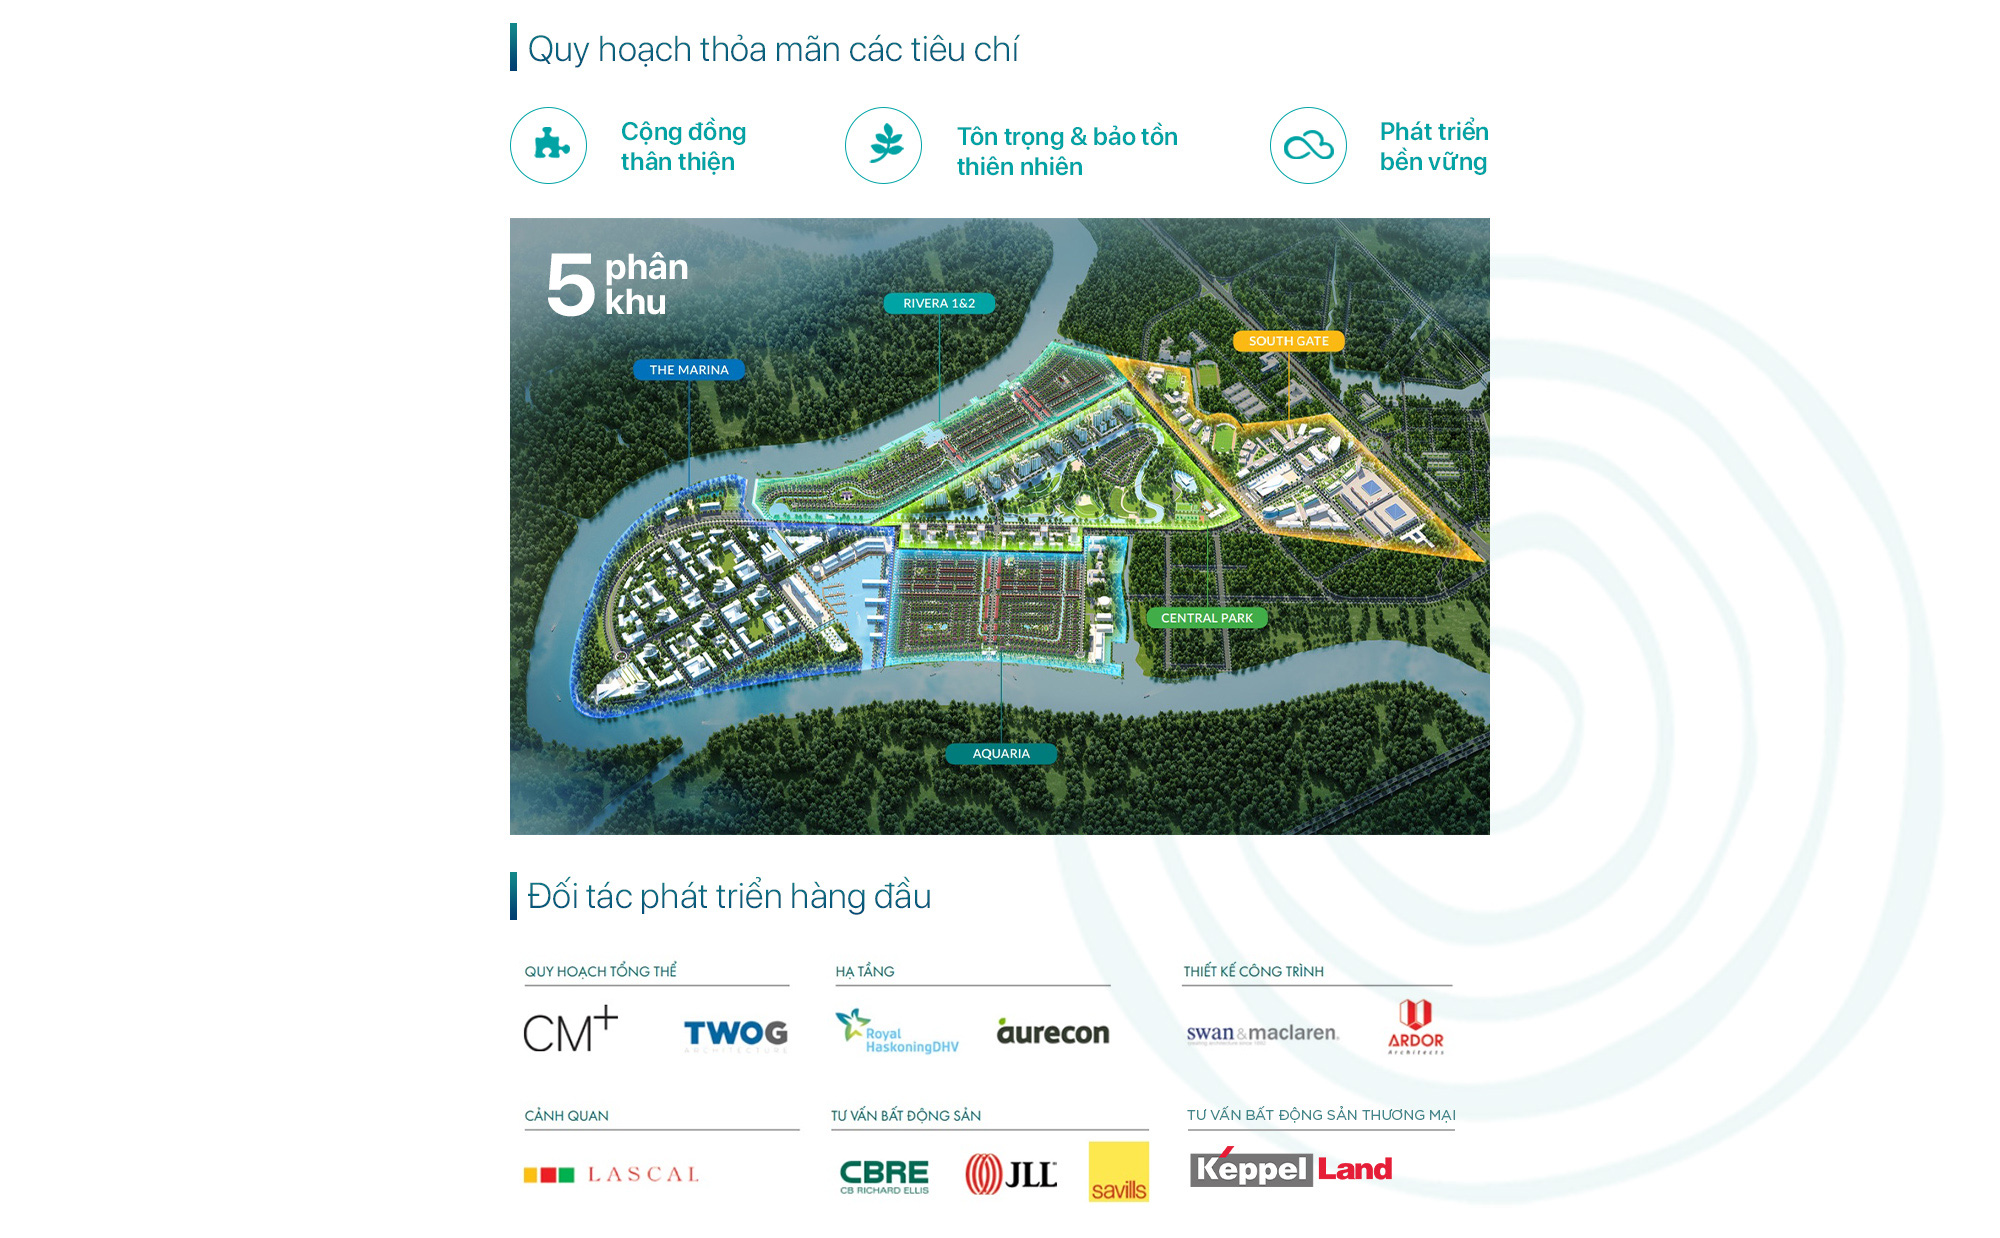 """Waterpoint – Nơi chuẩn mực quốc tế kiến tạo nên bản sắc riêng của """"Thành phố bên sông"""" - Ảnh 3."""